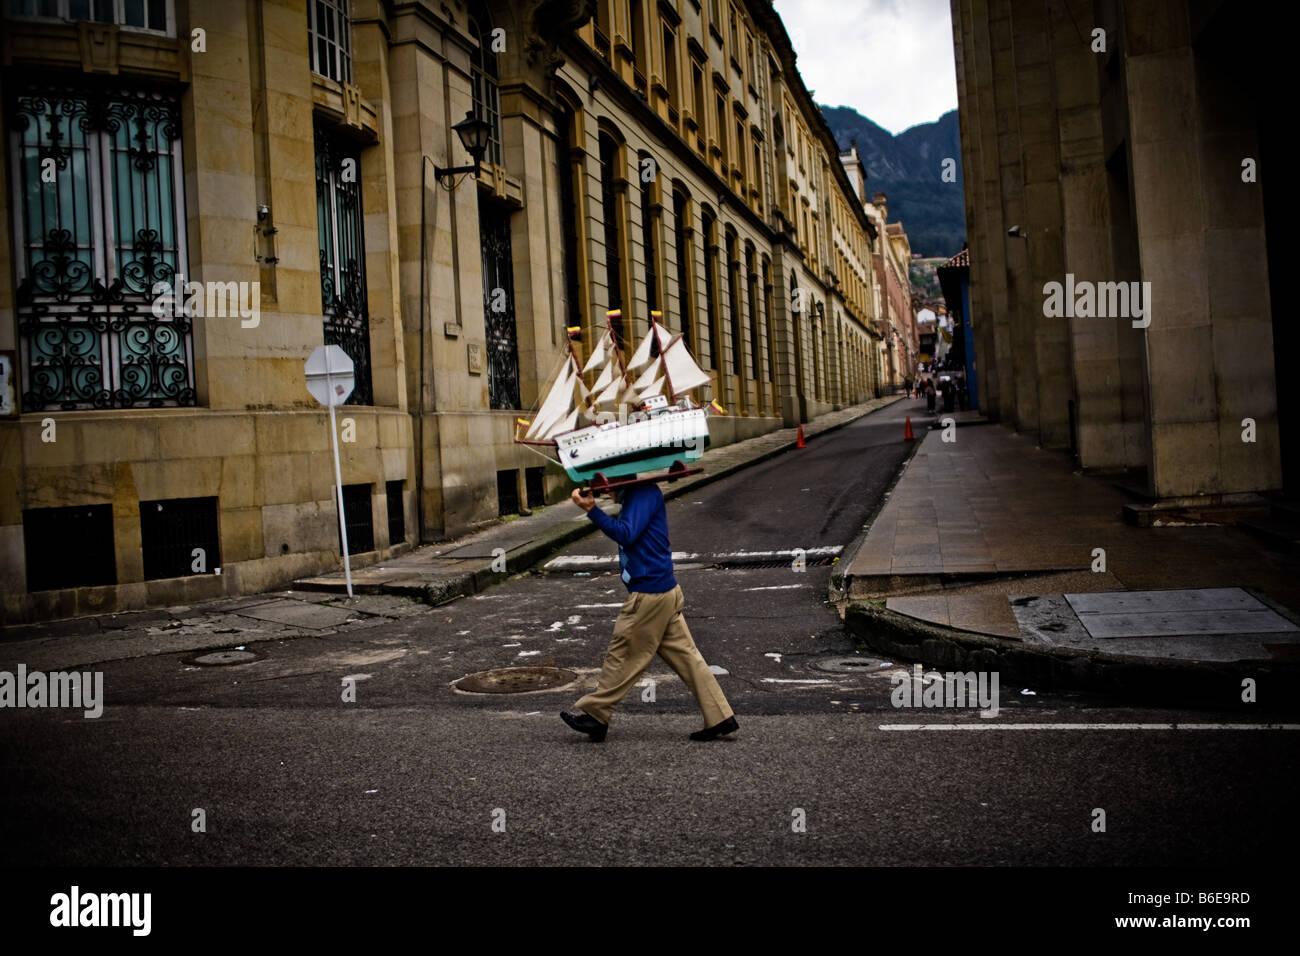 Un uomo porta un modello di barca a vela in fondo a una strada a Bogotà, in Colombia. Immagini Stock